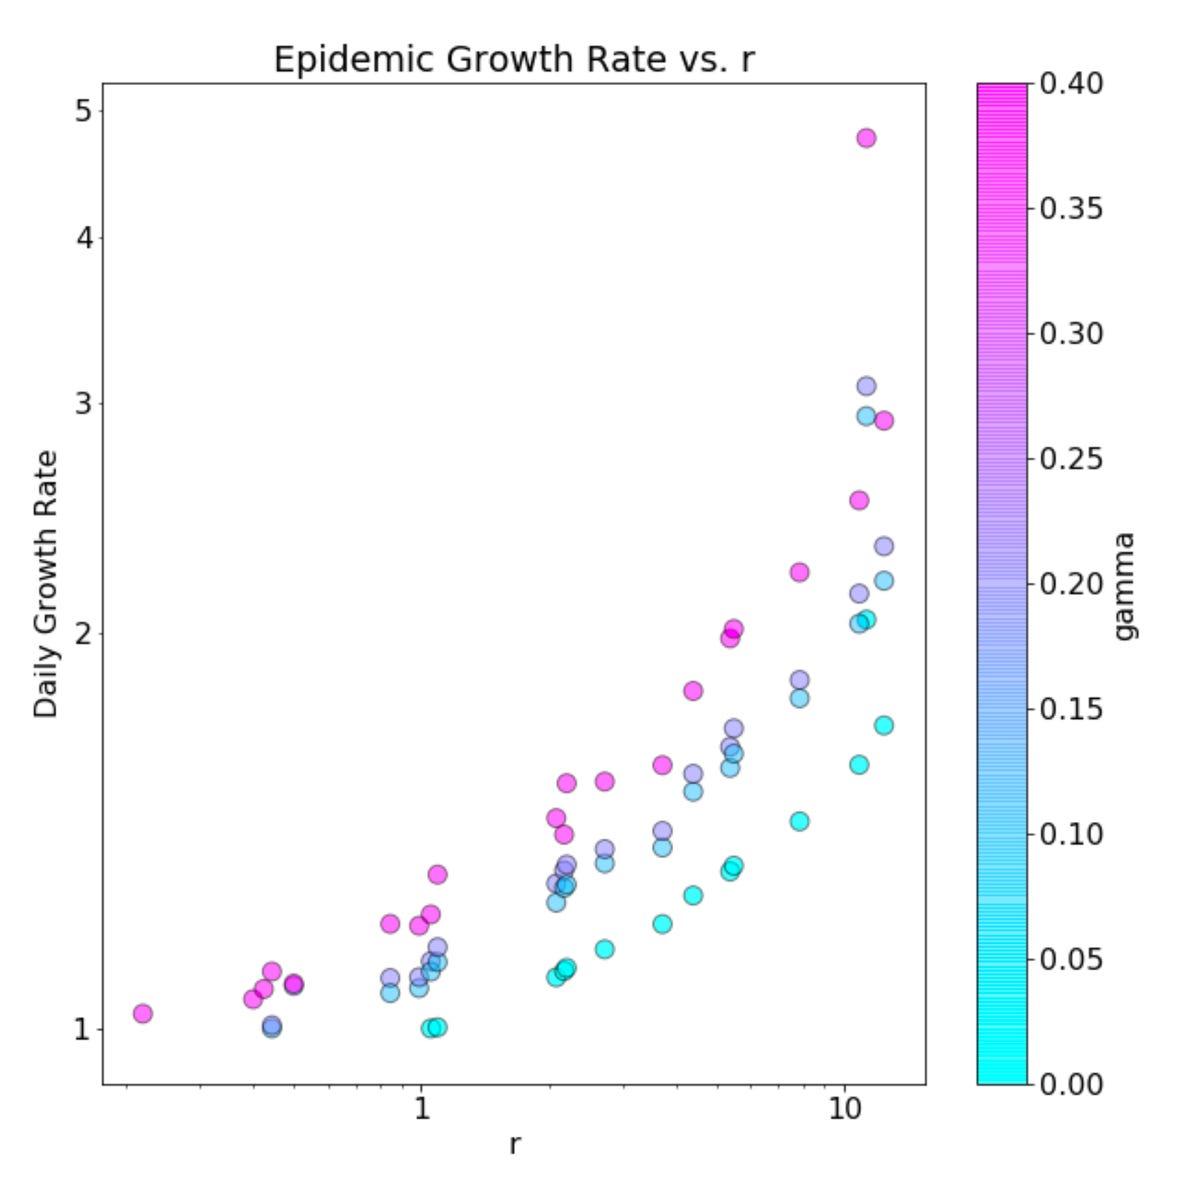 google-gamma-versus-r-in-disease-spread-may-2020.png